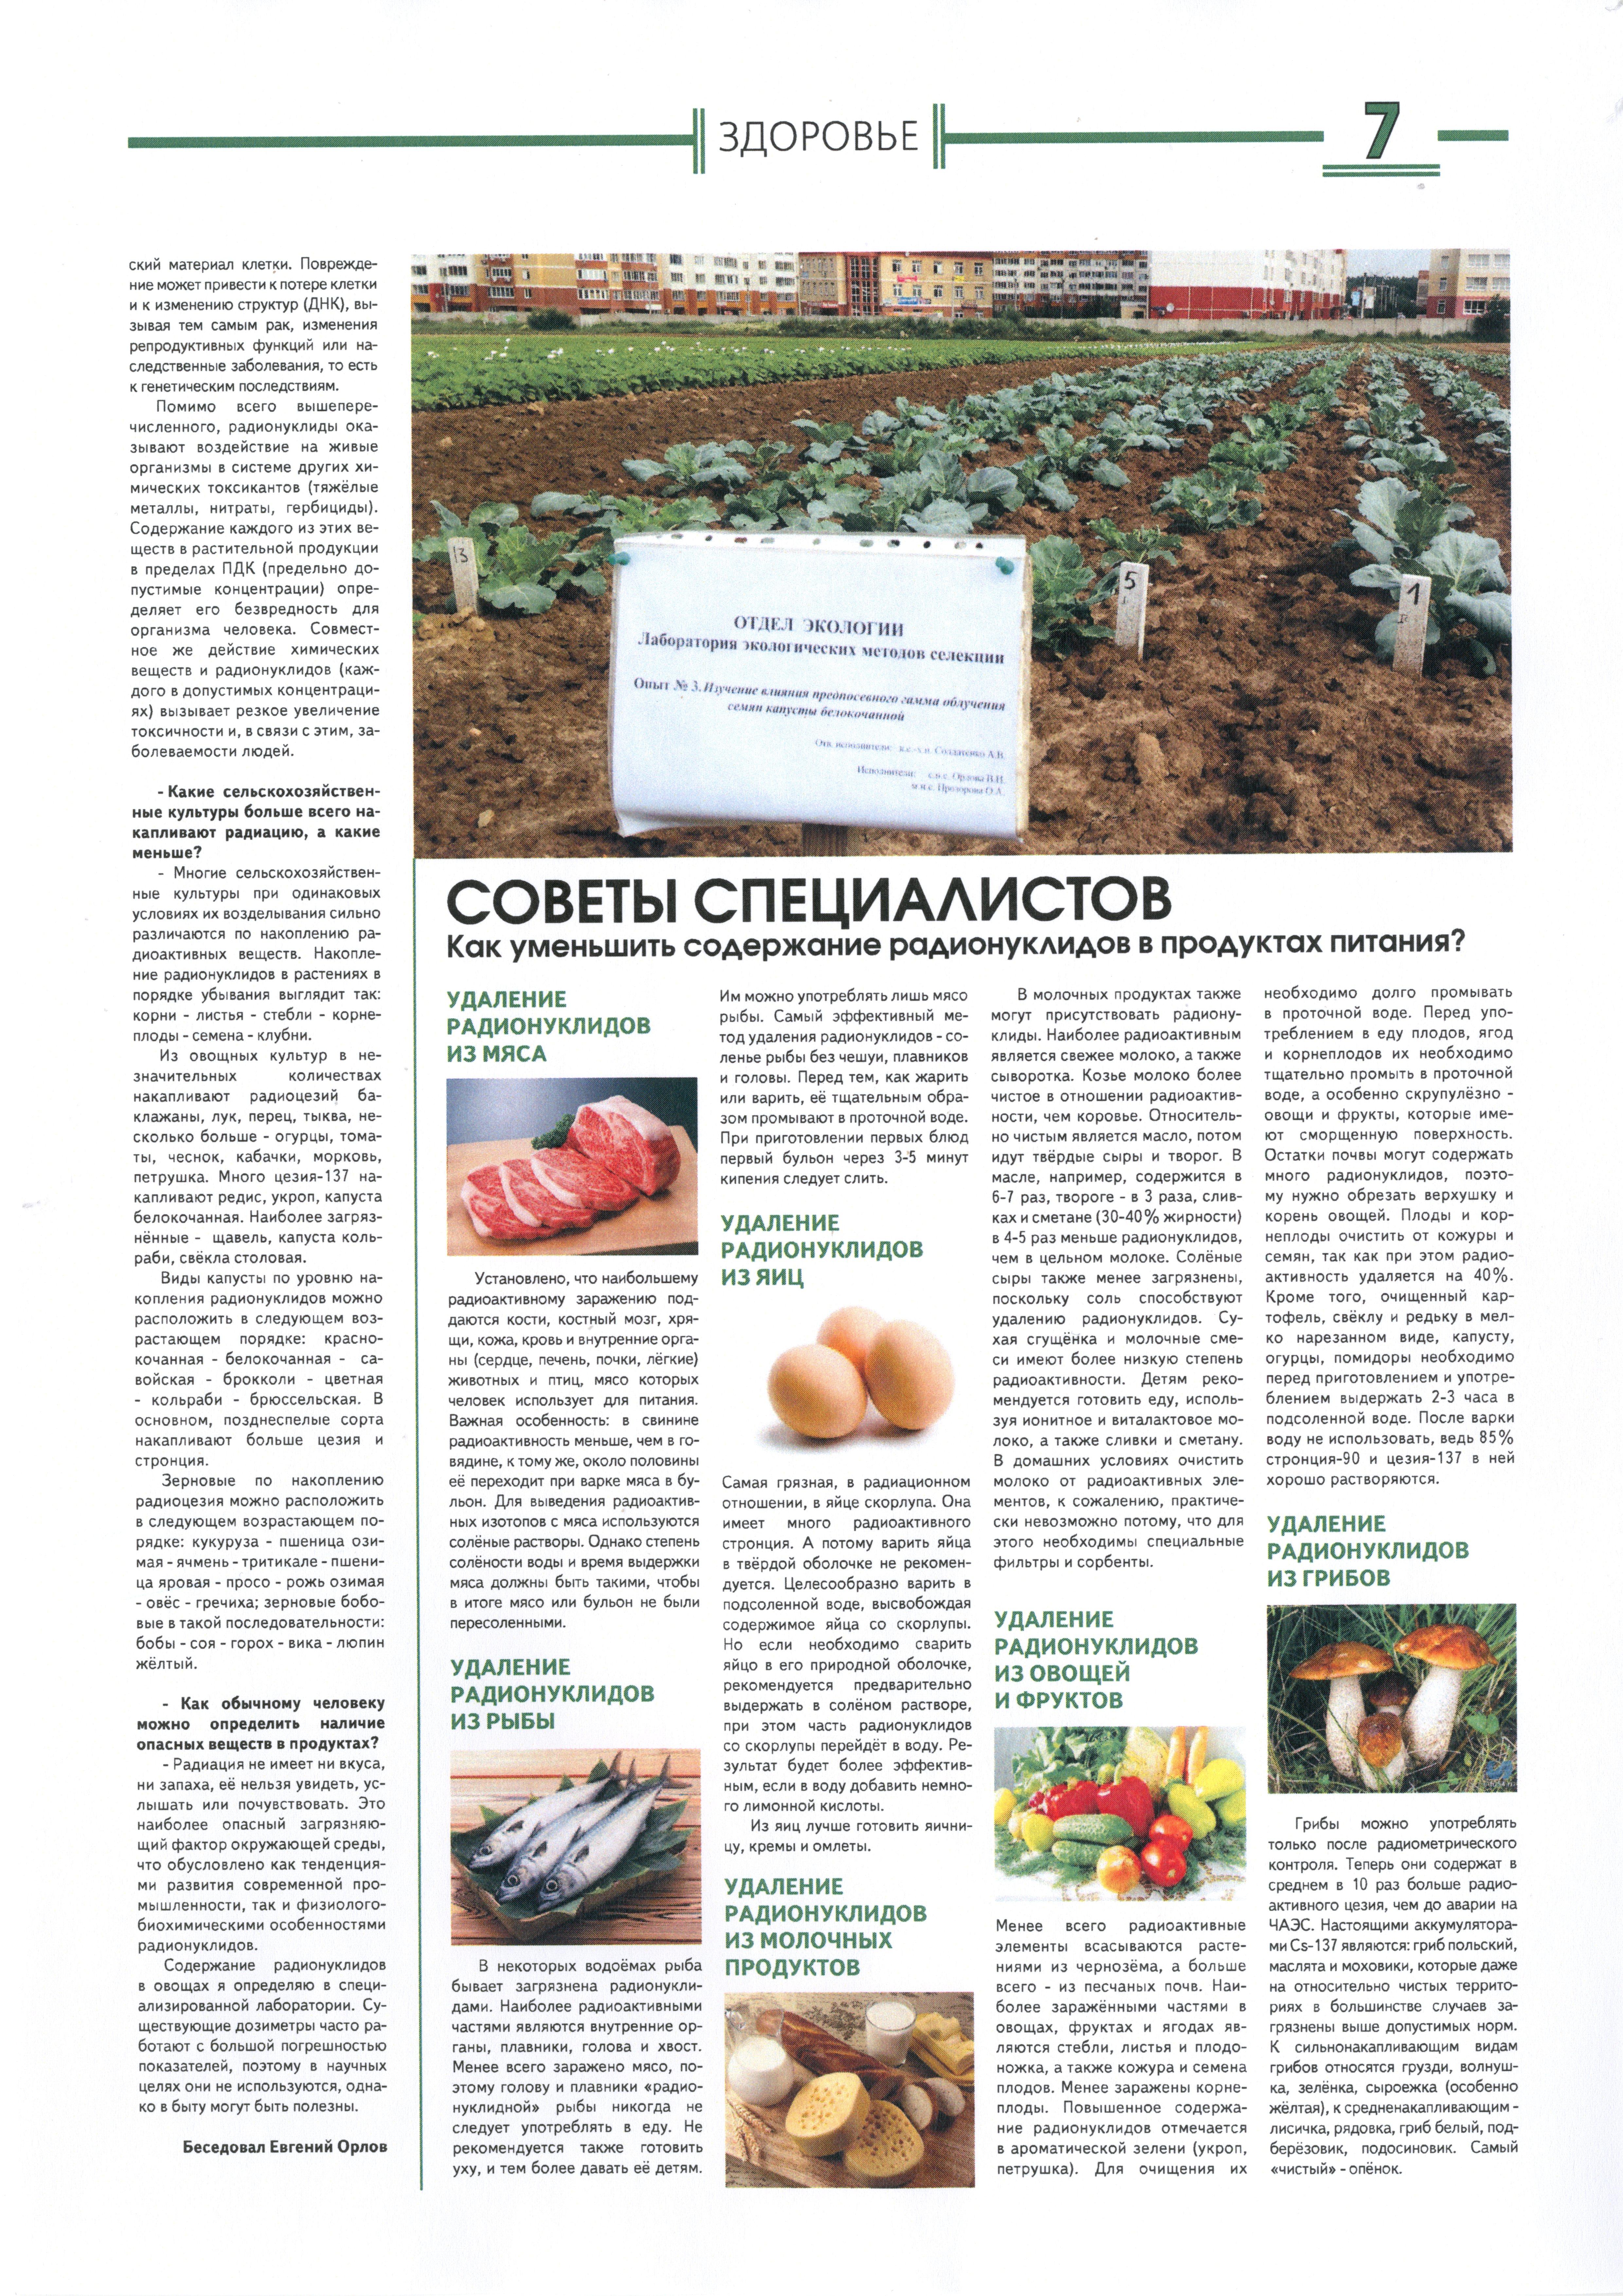 Интервью по проблеме радионуклидов в овощеводстве